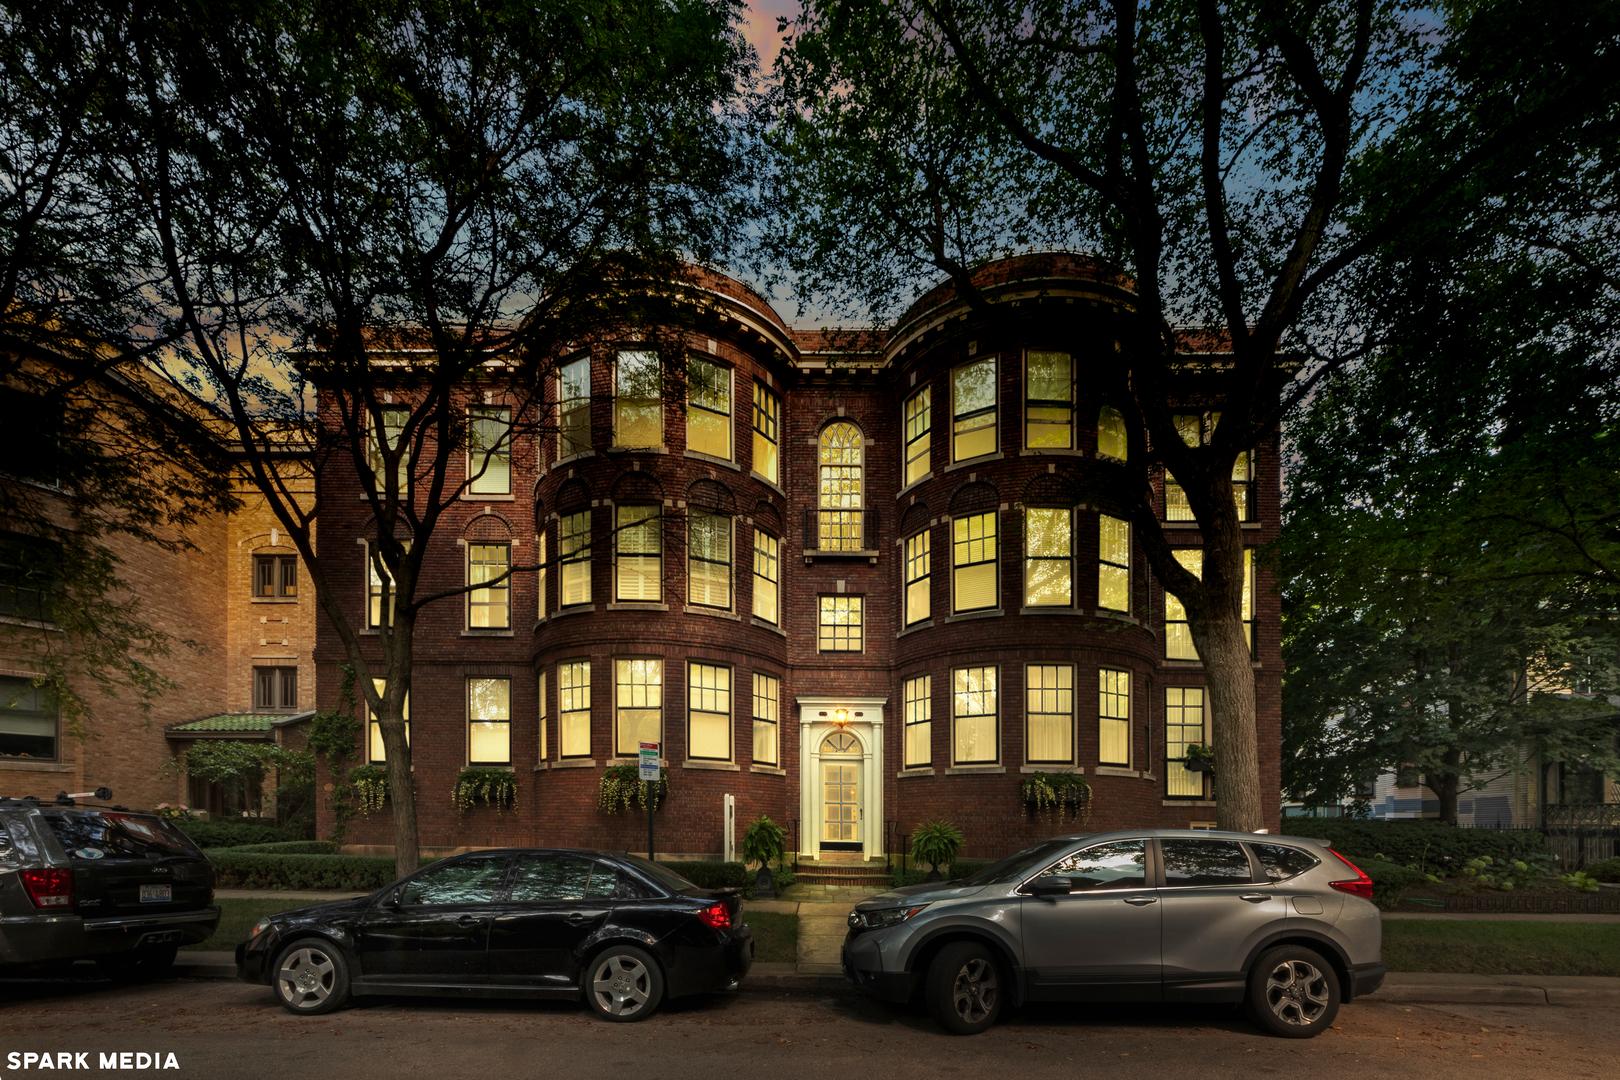 923 MICHIGAN Avenue B, Evanston, IL 60202